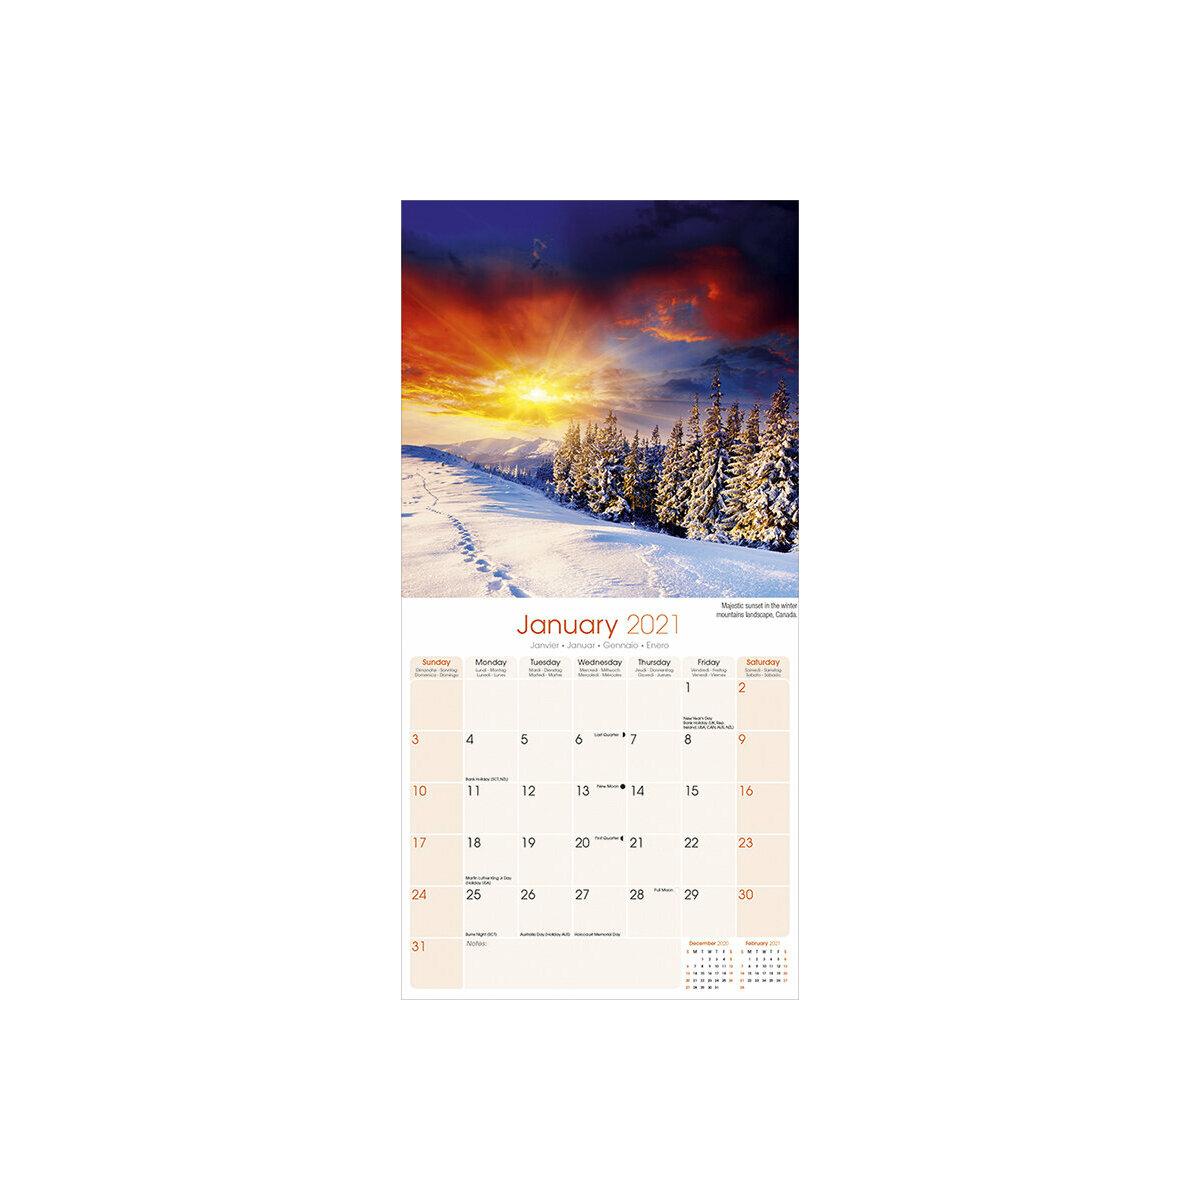 Calendrier 2021 Lever Et Coucher Du Soleil Calendrier 2021 Coucher de soleil